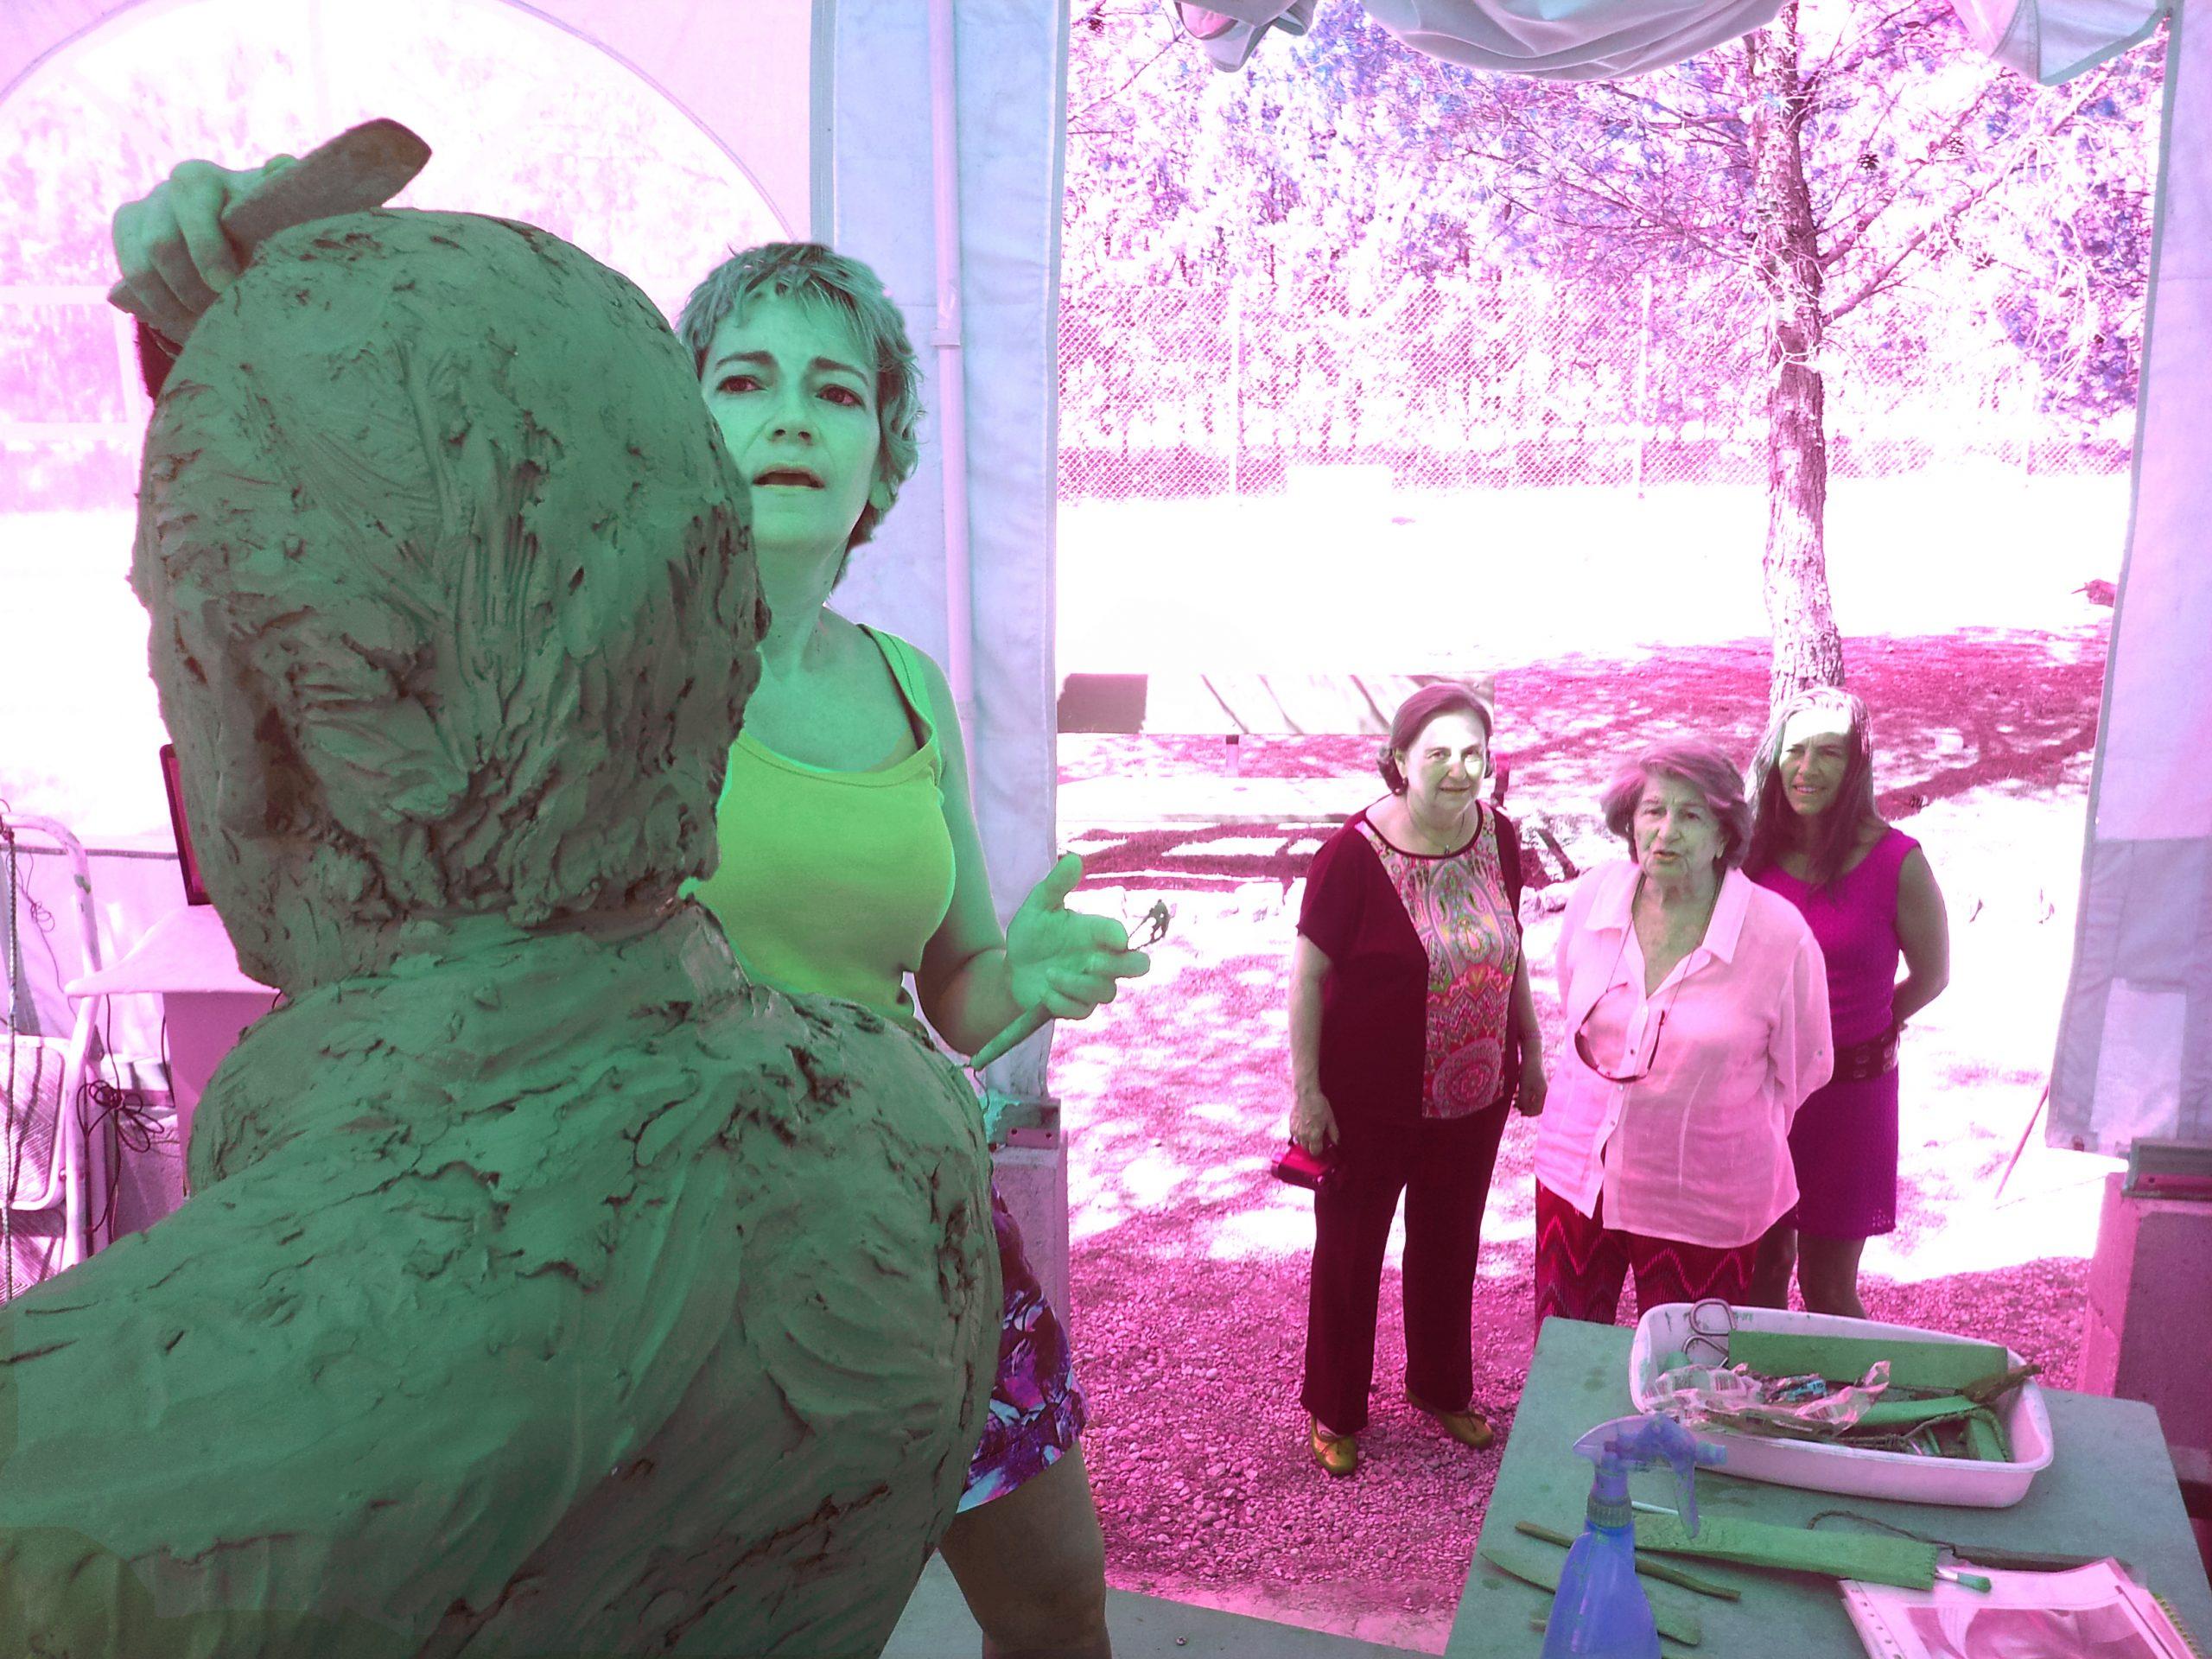 visita barro del monumento mingote -isabel mingote,concepción mira, fundación mingote